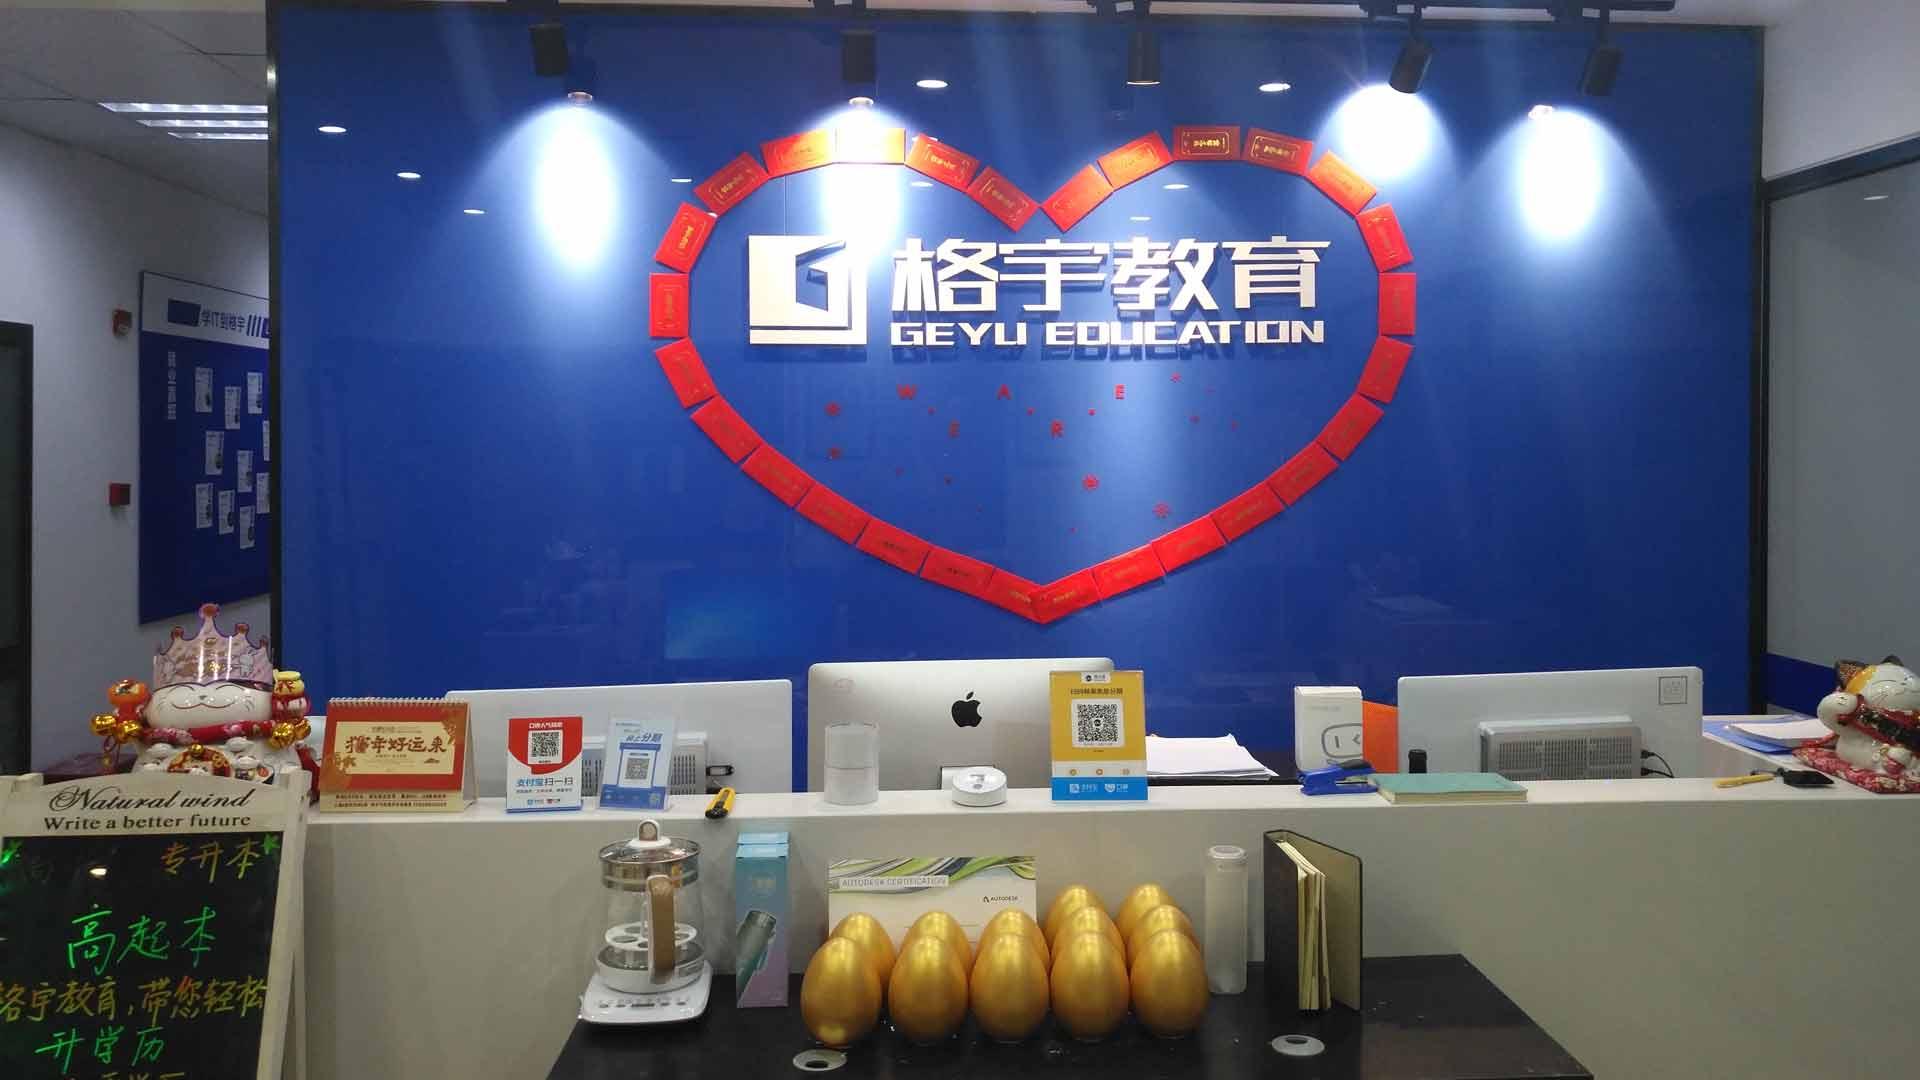 上海ui界面设计教程